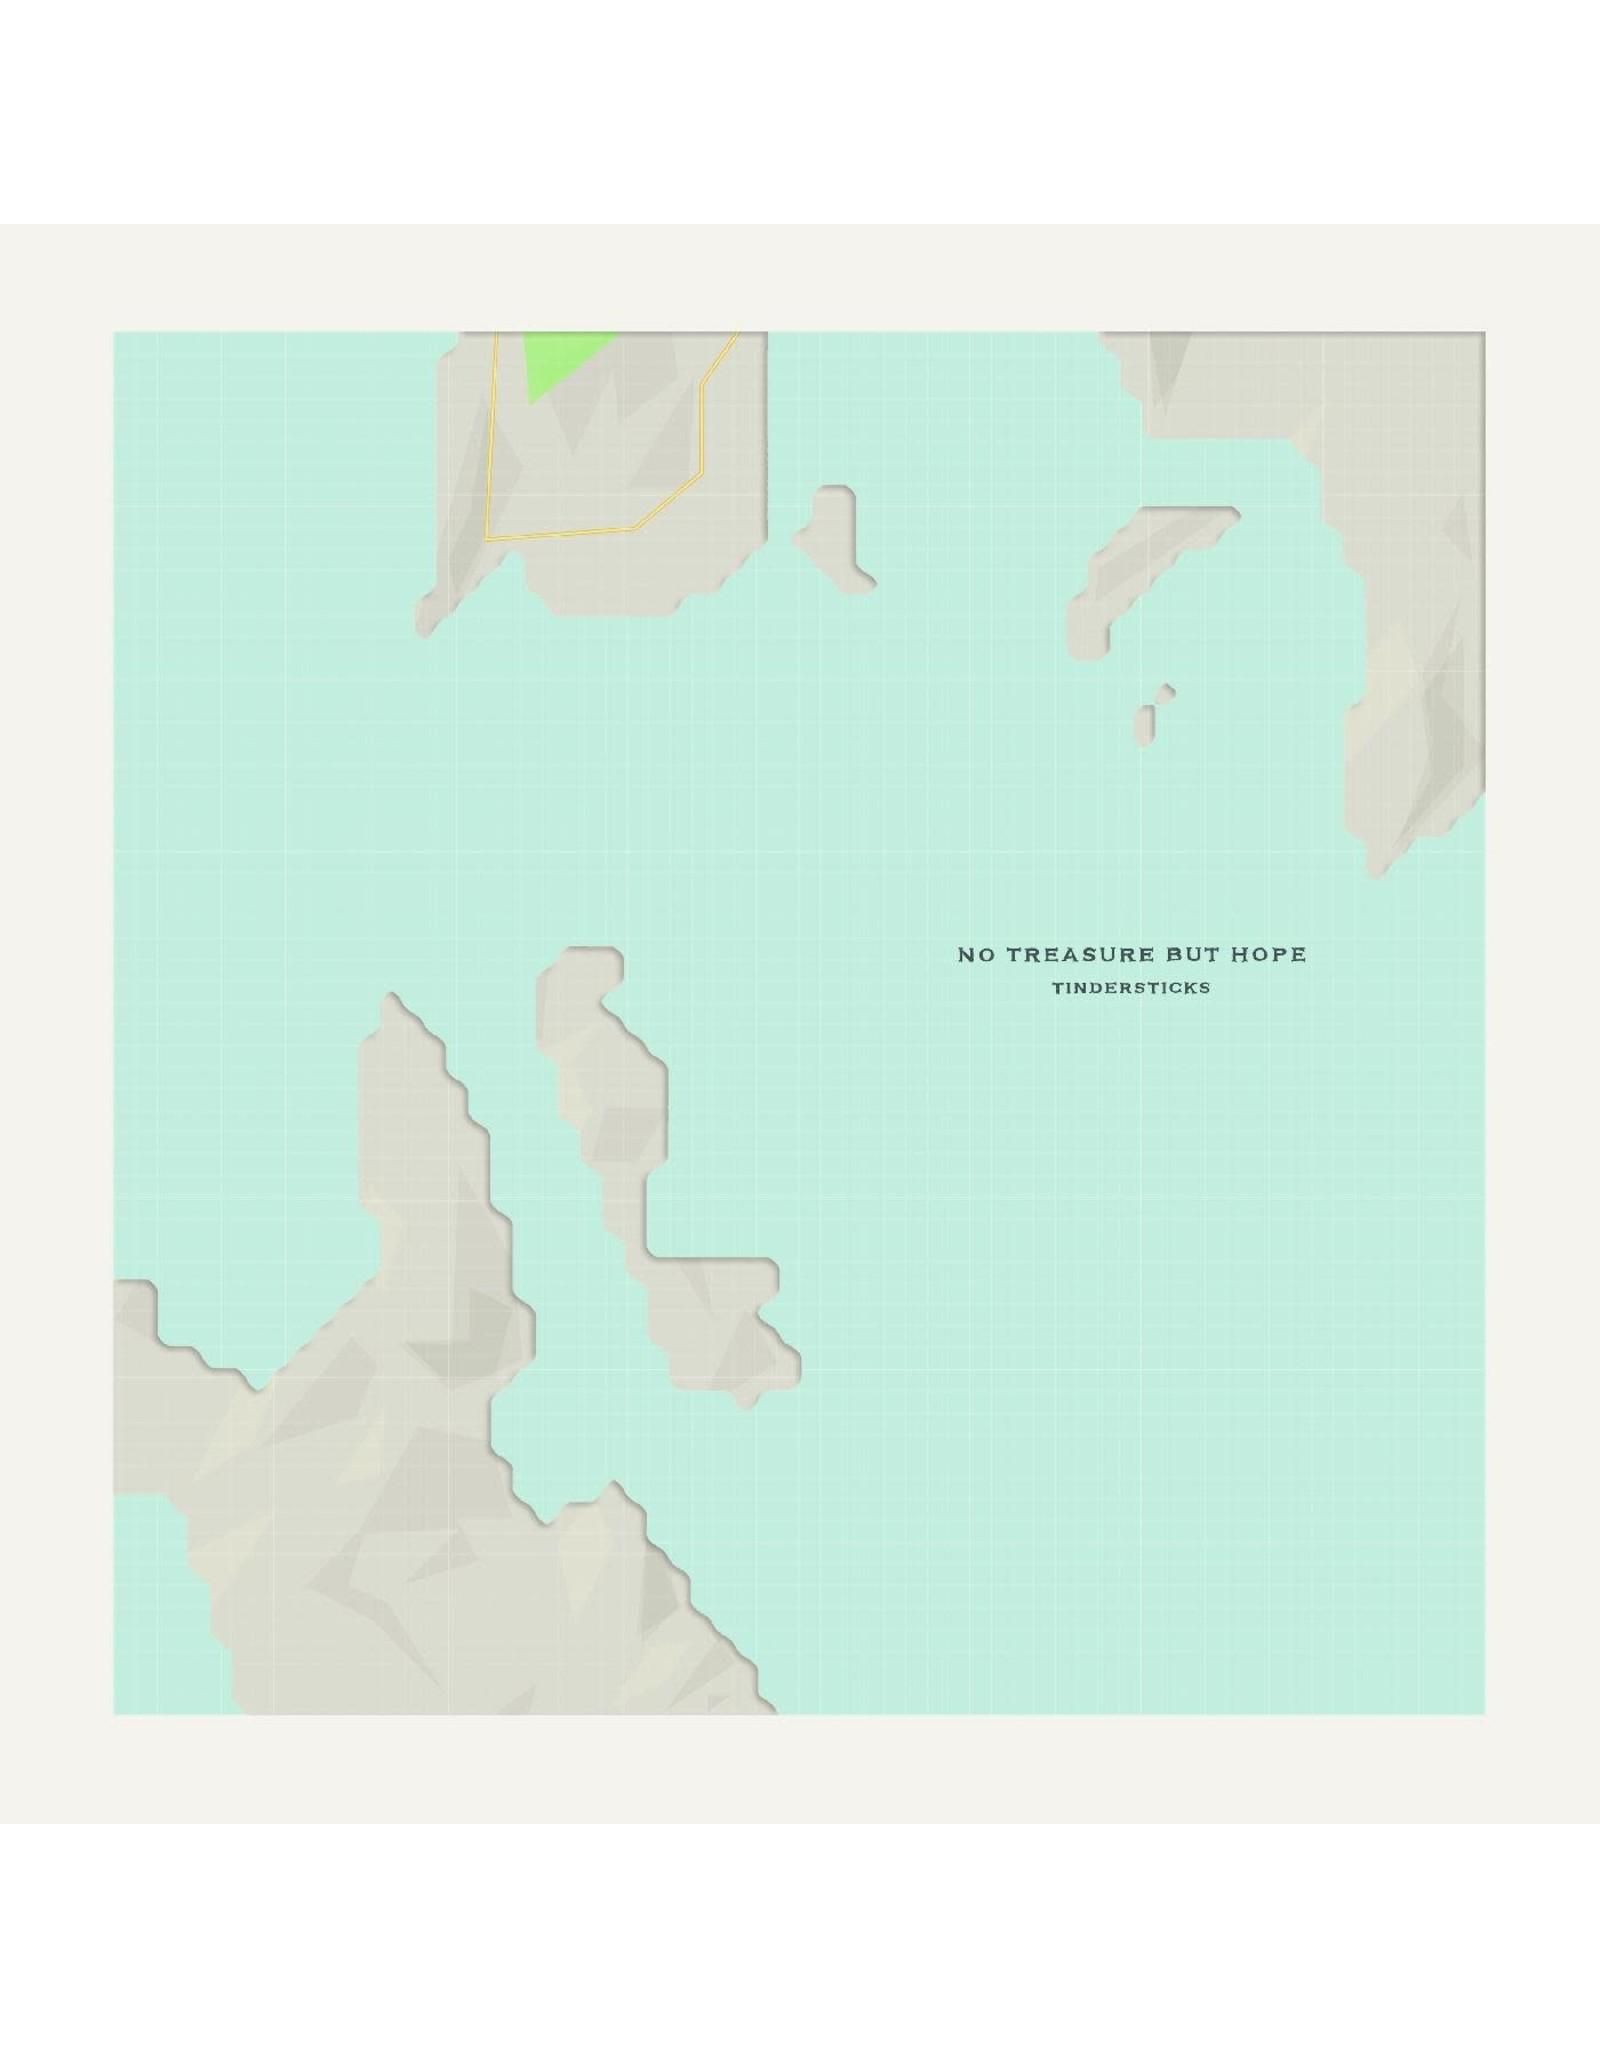 Tindersticks - No Treasure LP